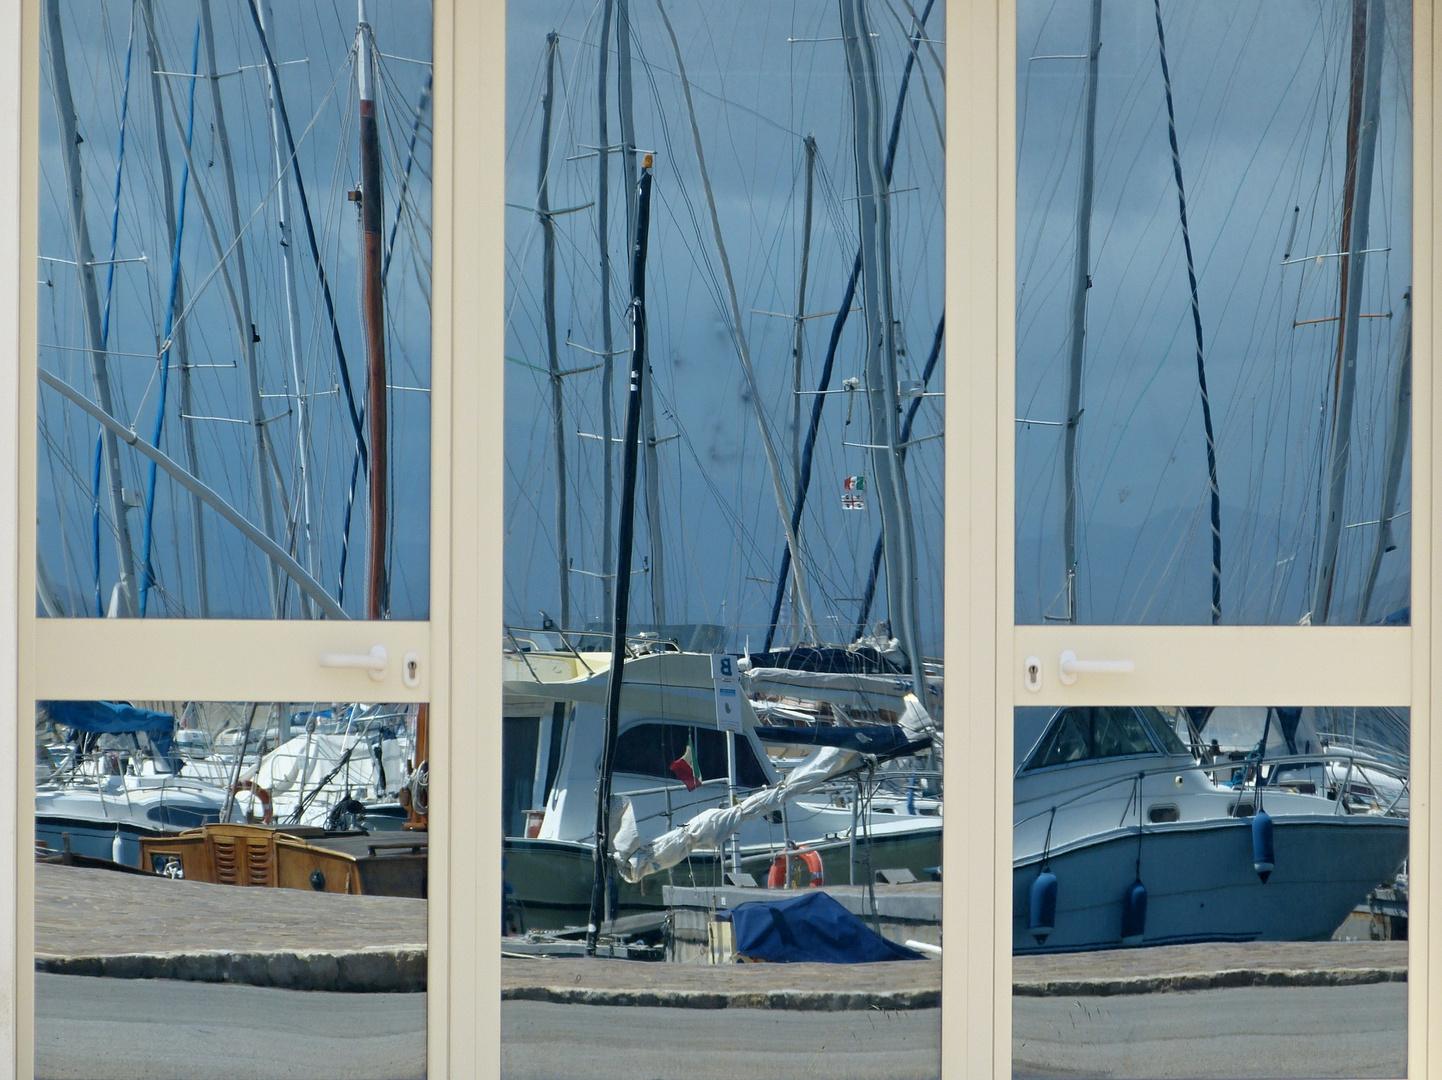 Eingang zum Hafen